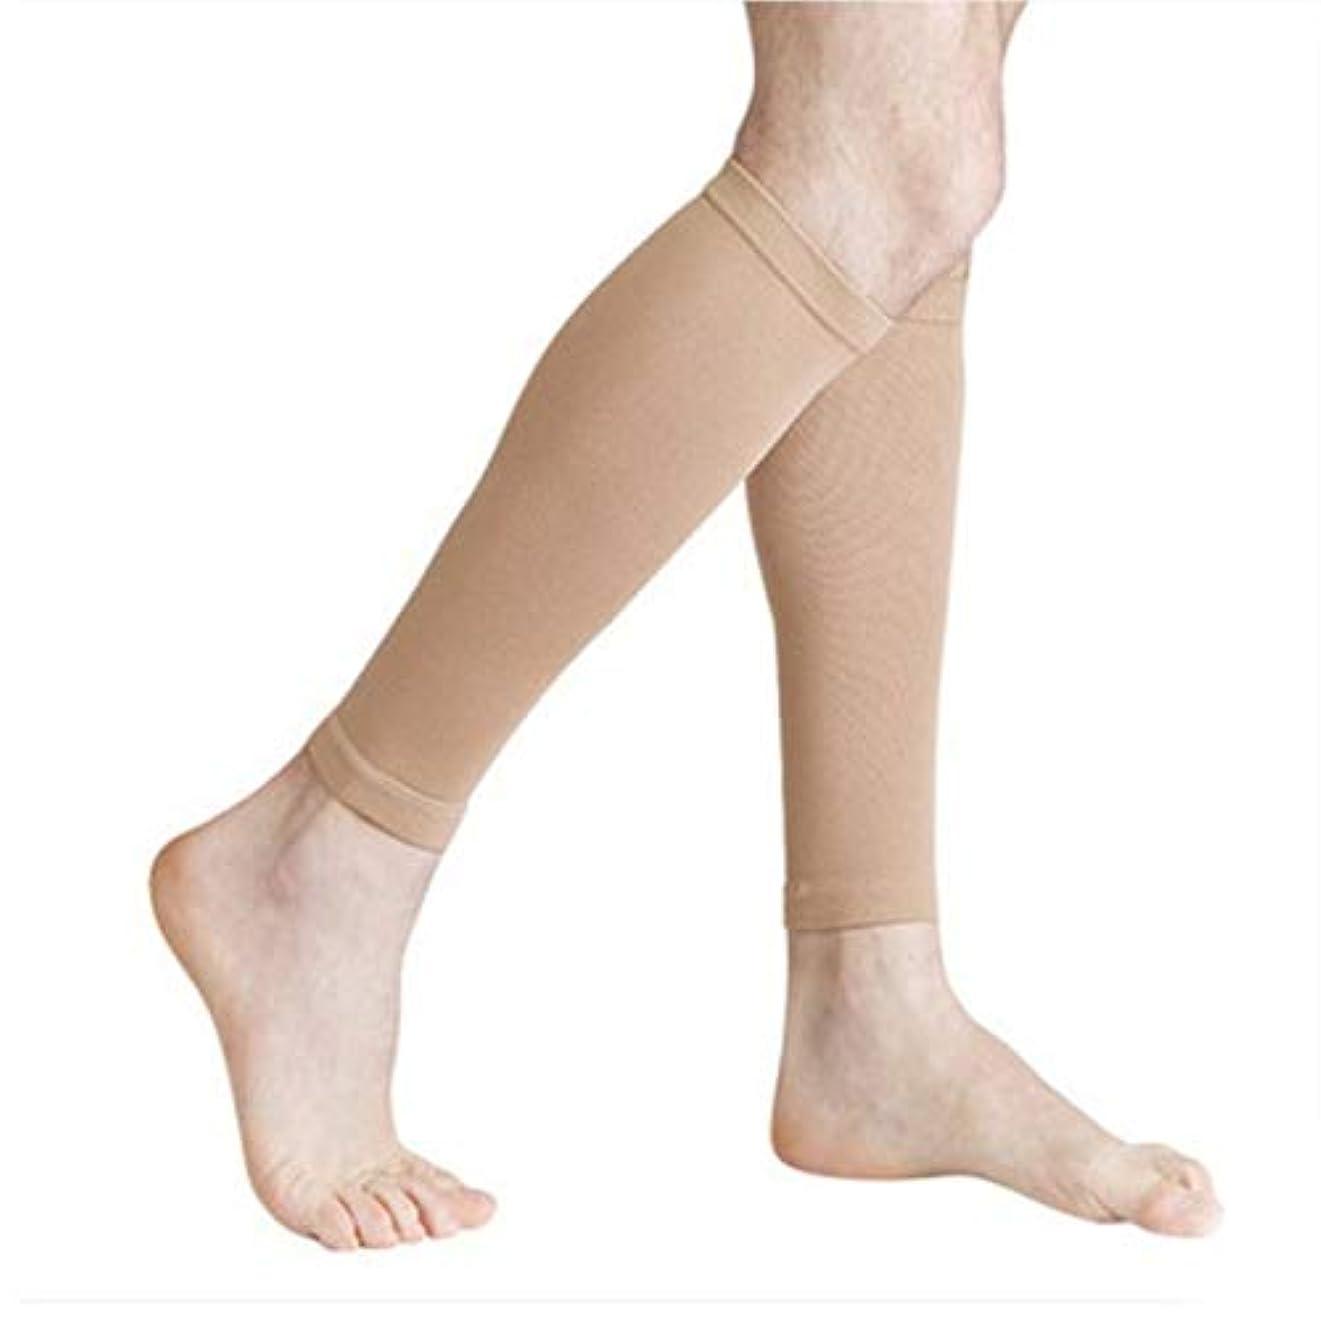 軽量じゃがいも東ティモールふくらはぎコンプレッションスリーブ脚コンプレッションソックスシンスプリントふくらはぎの痛みを軽減メンズランニング用サイクリング女性用スリーブ-スキン